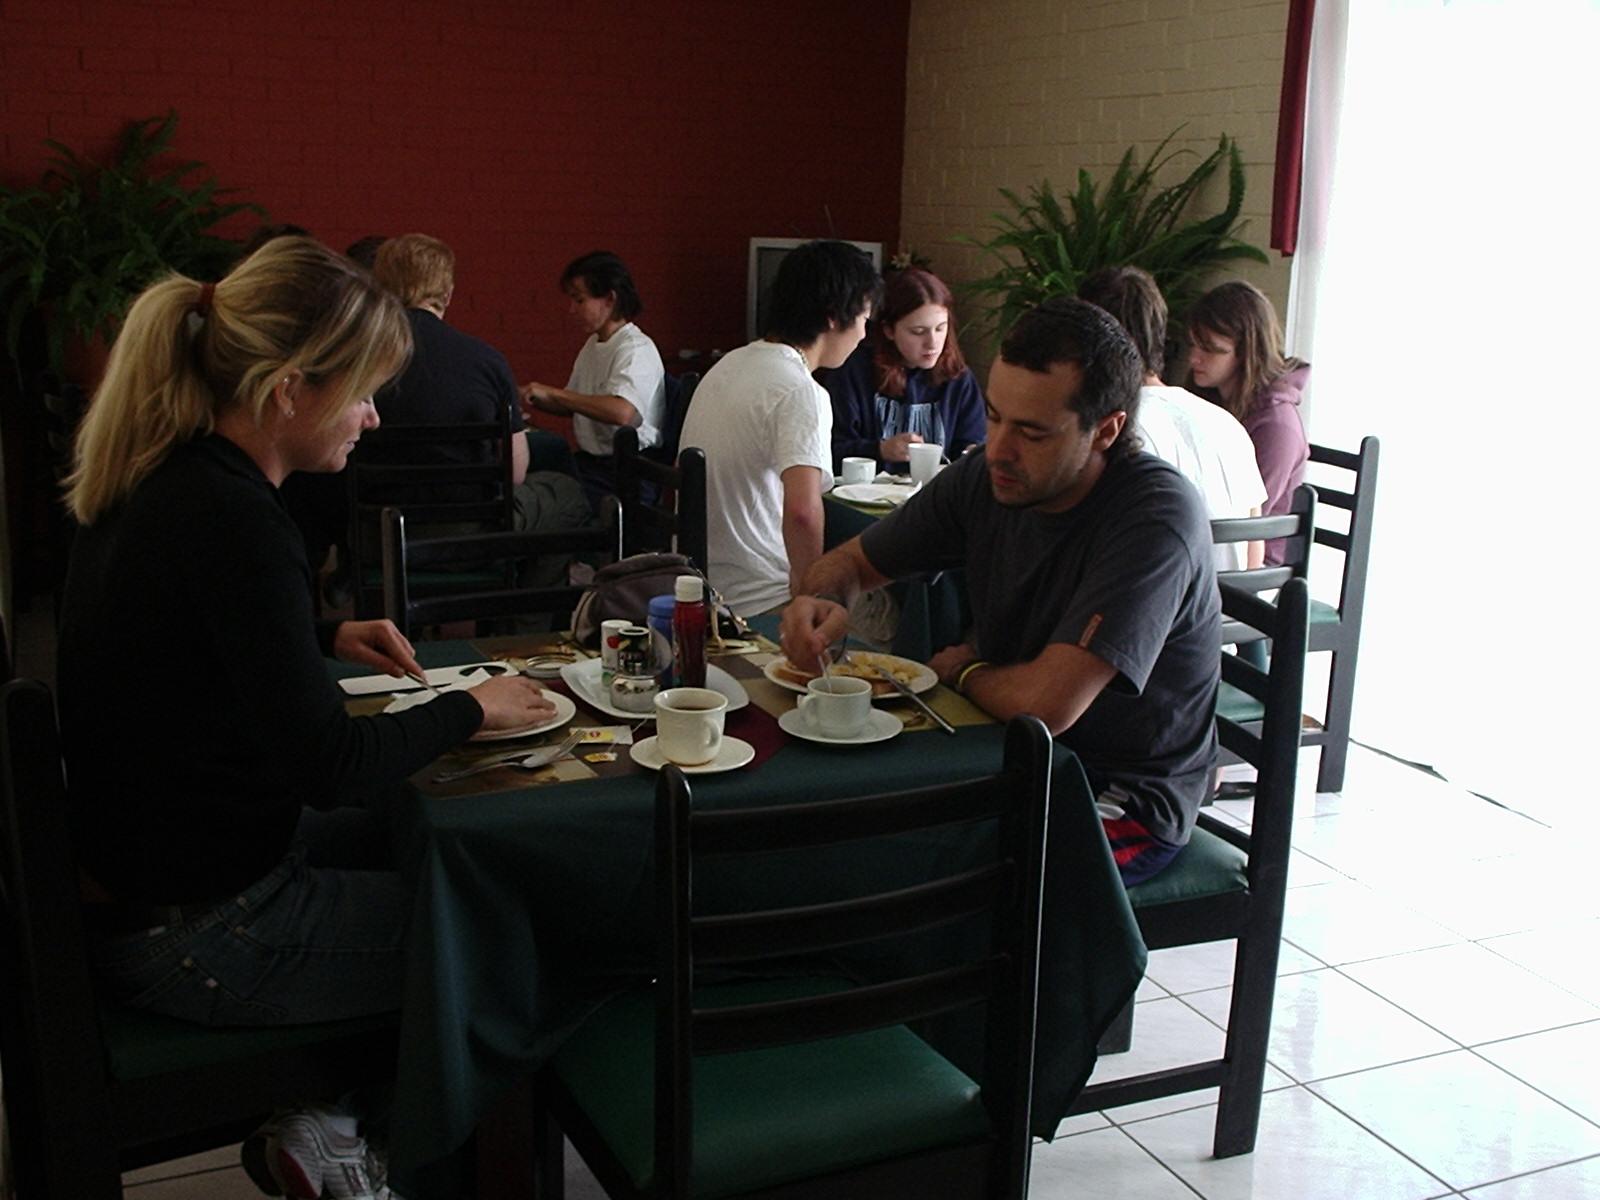 Dining at Dos Lunas